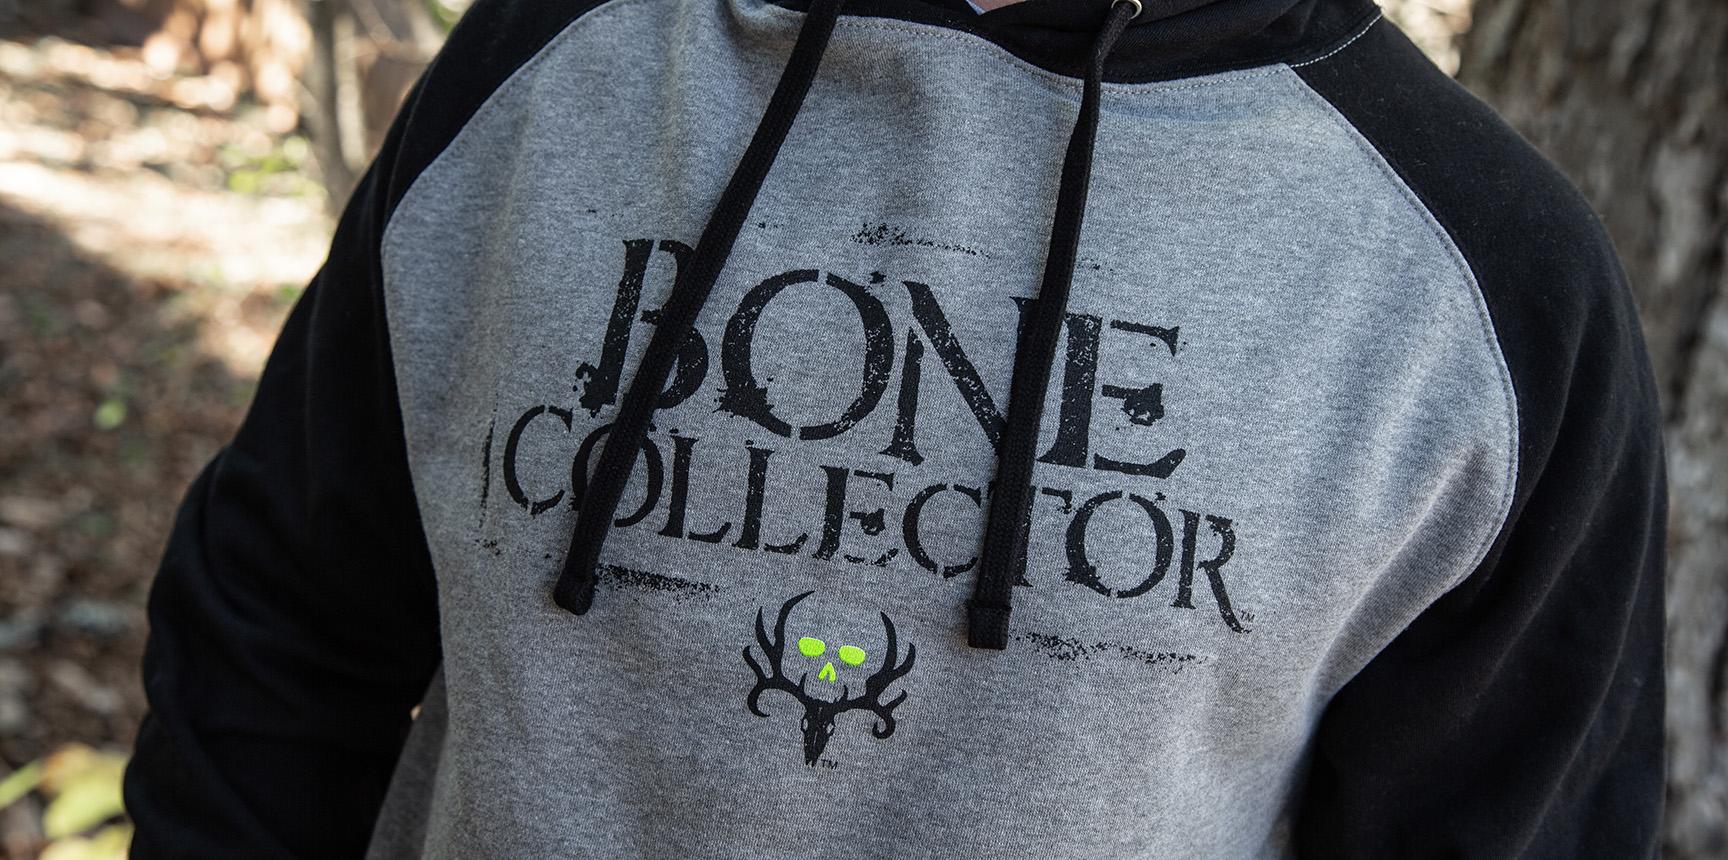 bone-collector-mens-category-banner-stencil-hoodie-gunmetal-black.jpg